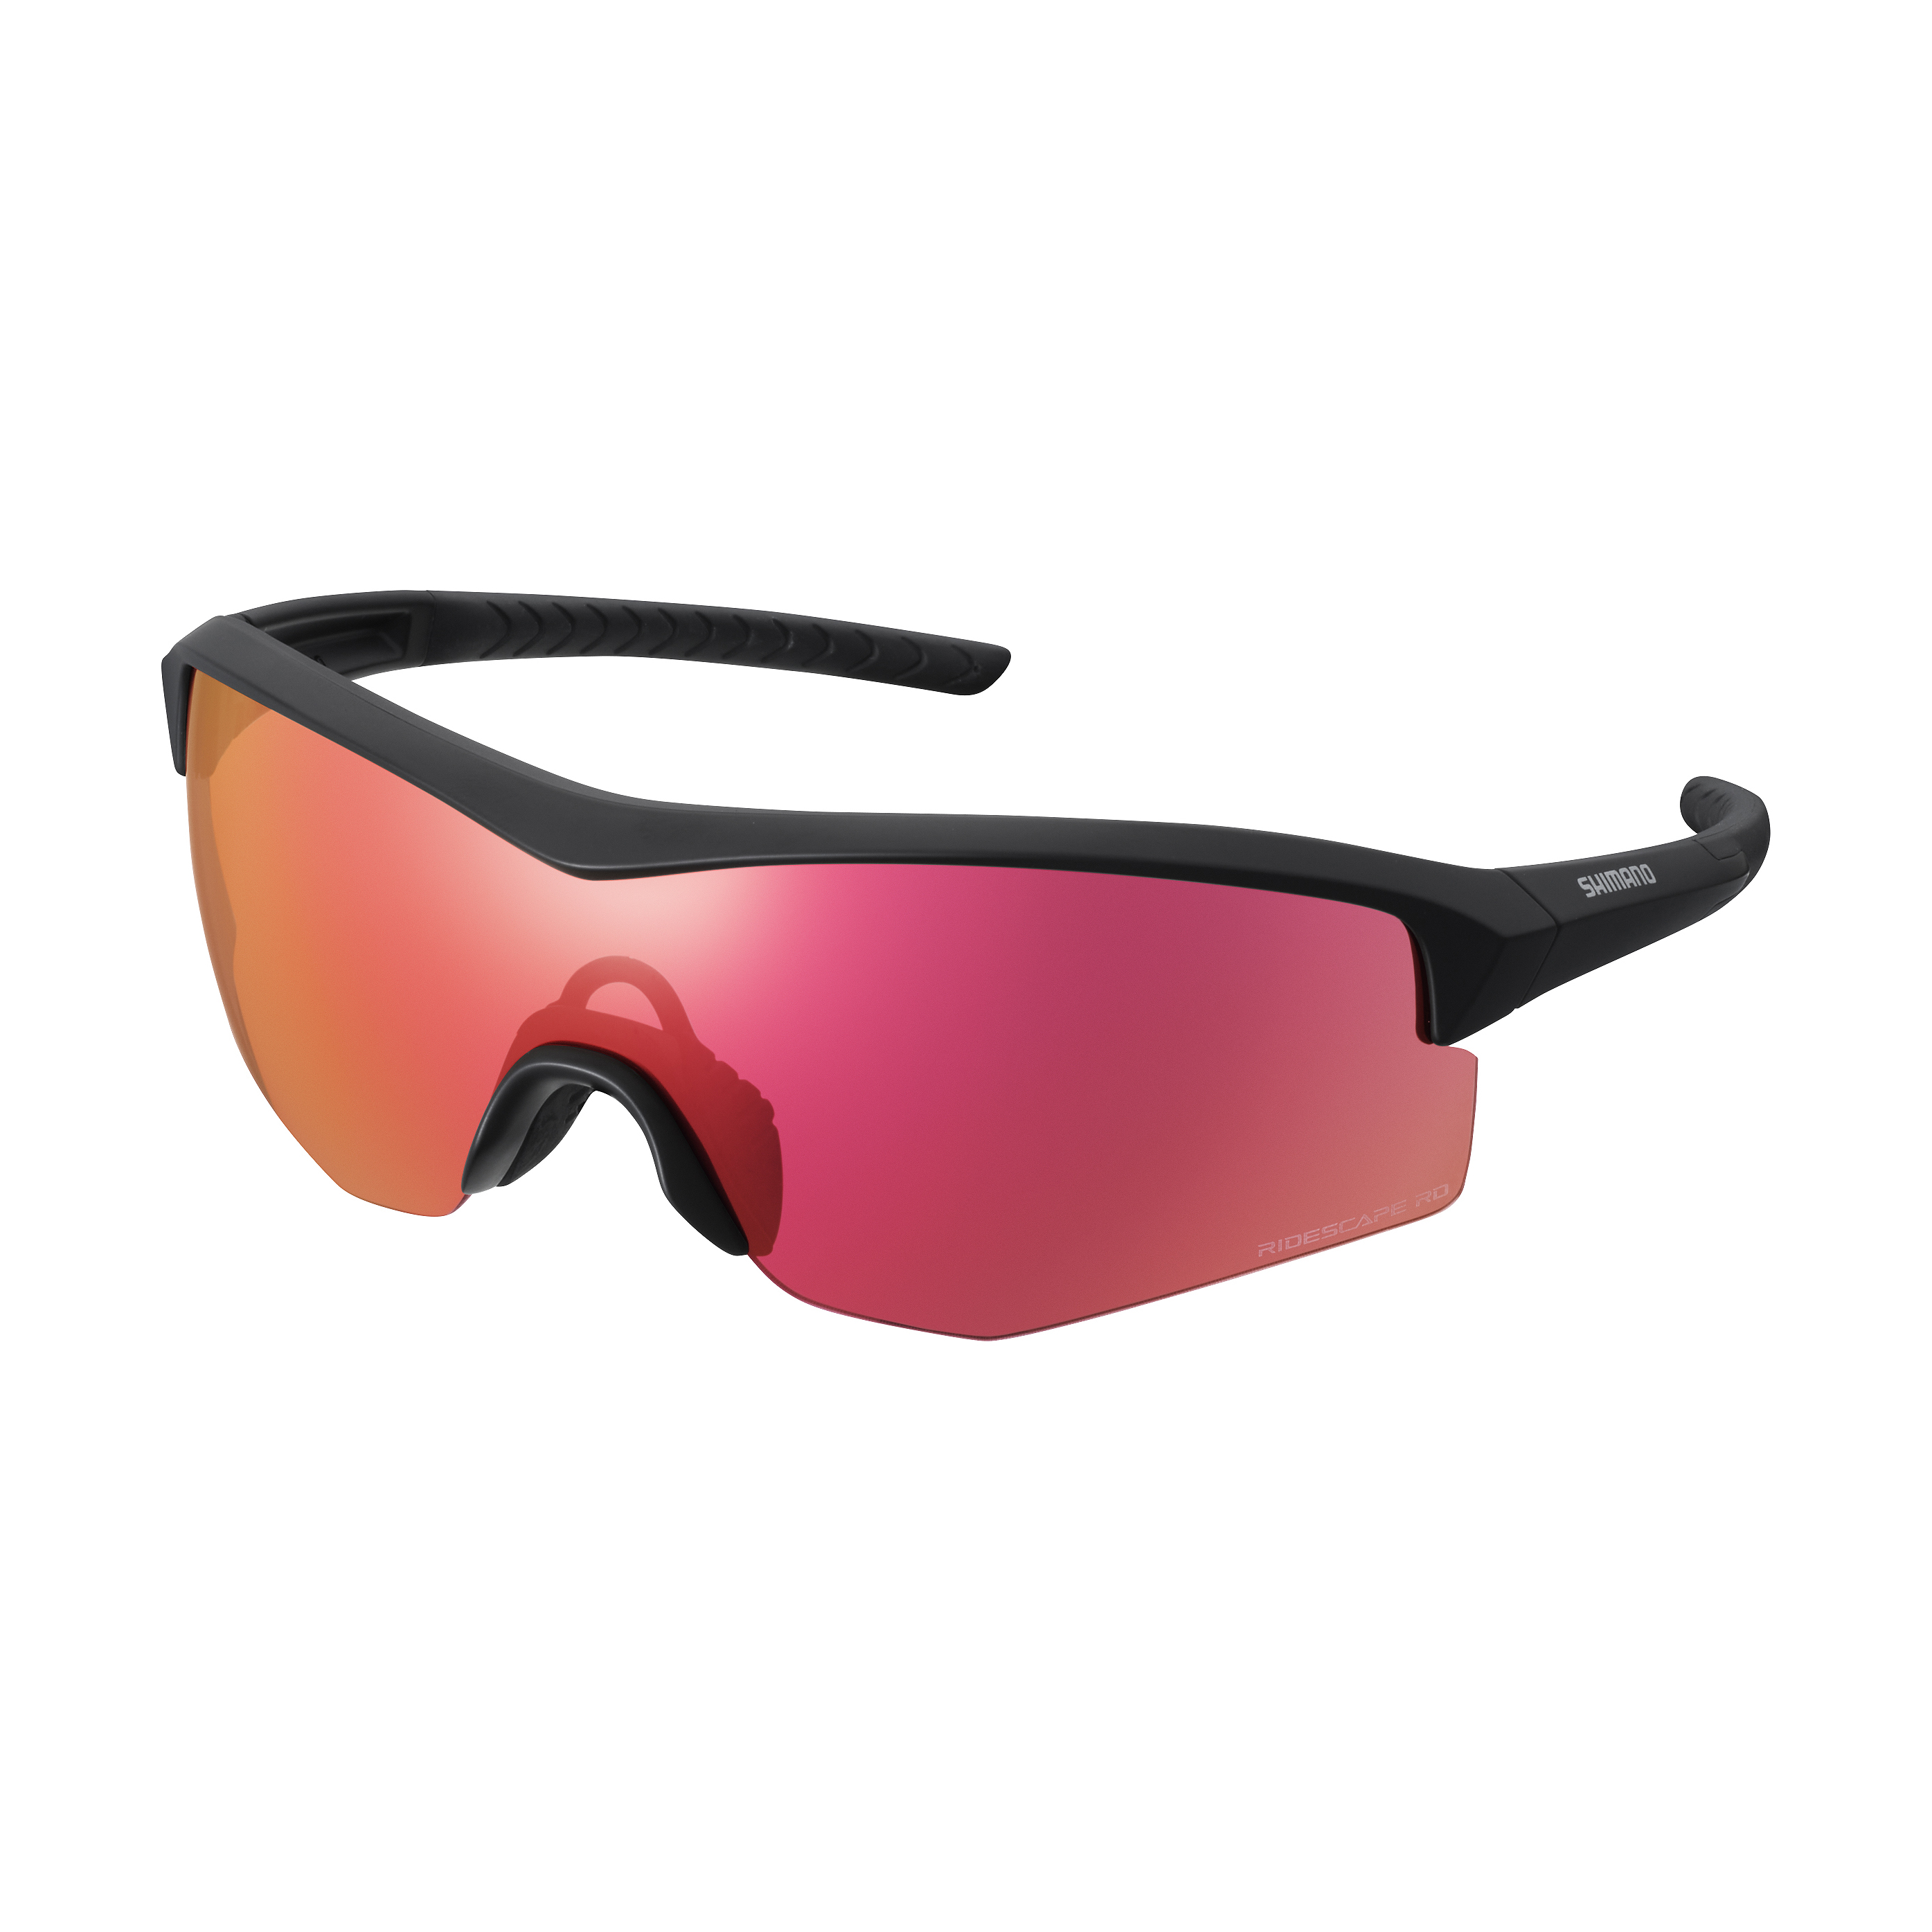 SHIMANO brýle SPARK, matná černá, ridescape road